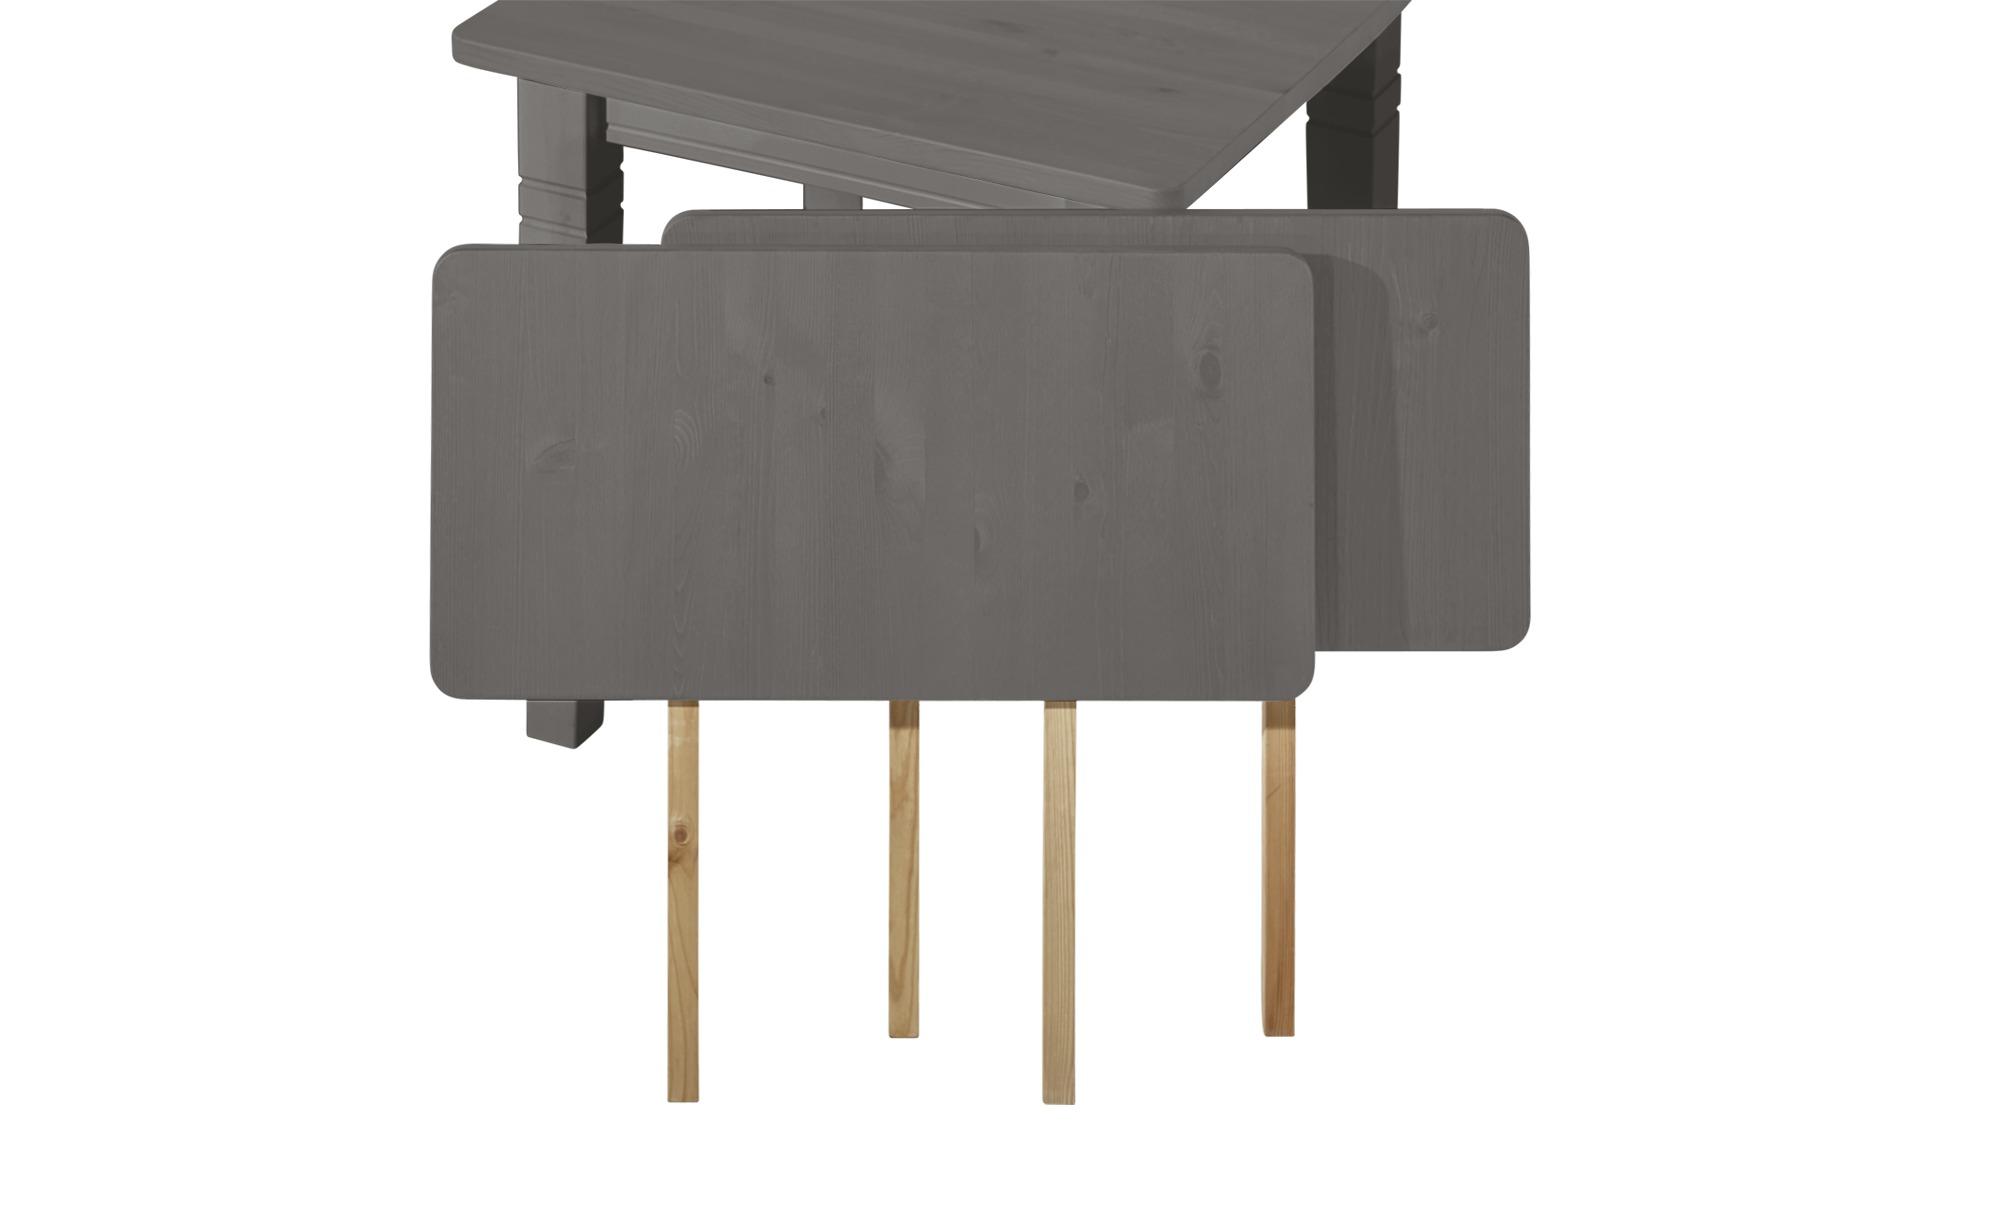 Fabelhaft Maison Bleue Möbel Das Beste Von Ansteckplatte, 1-teilig Florian - Grau - 90